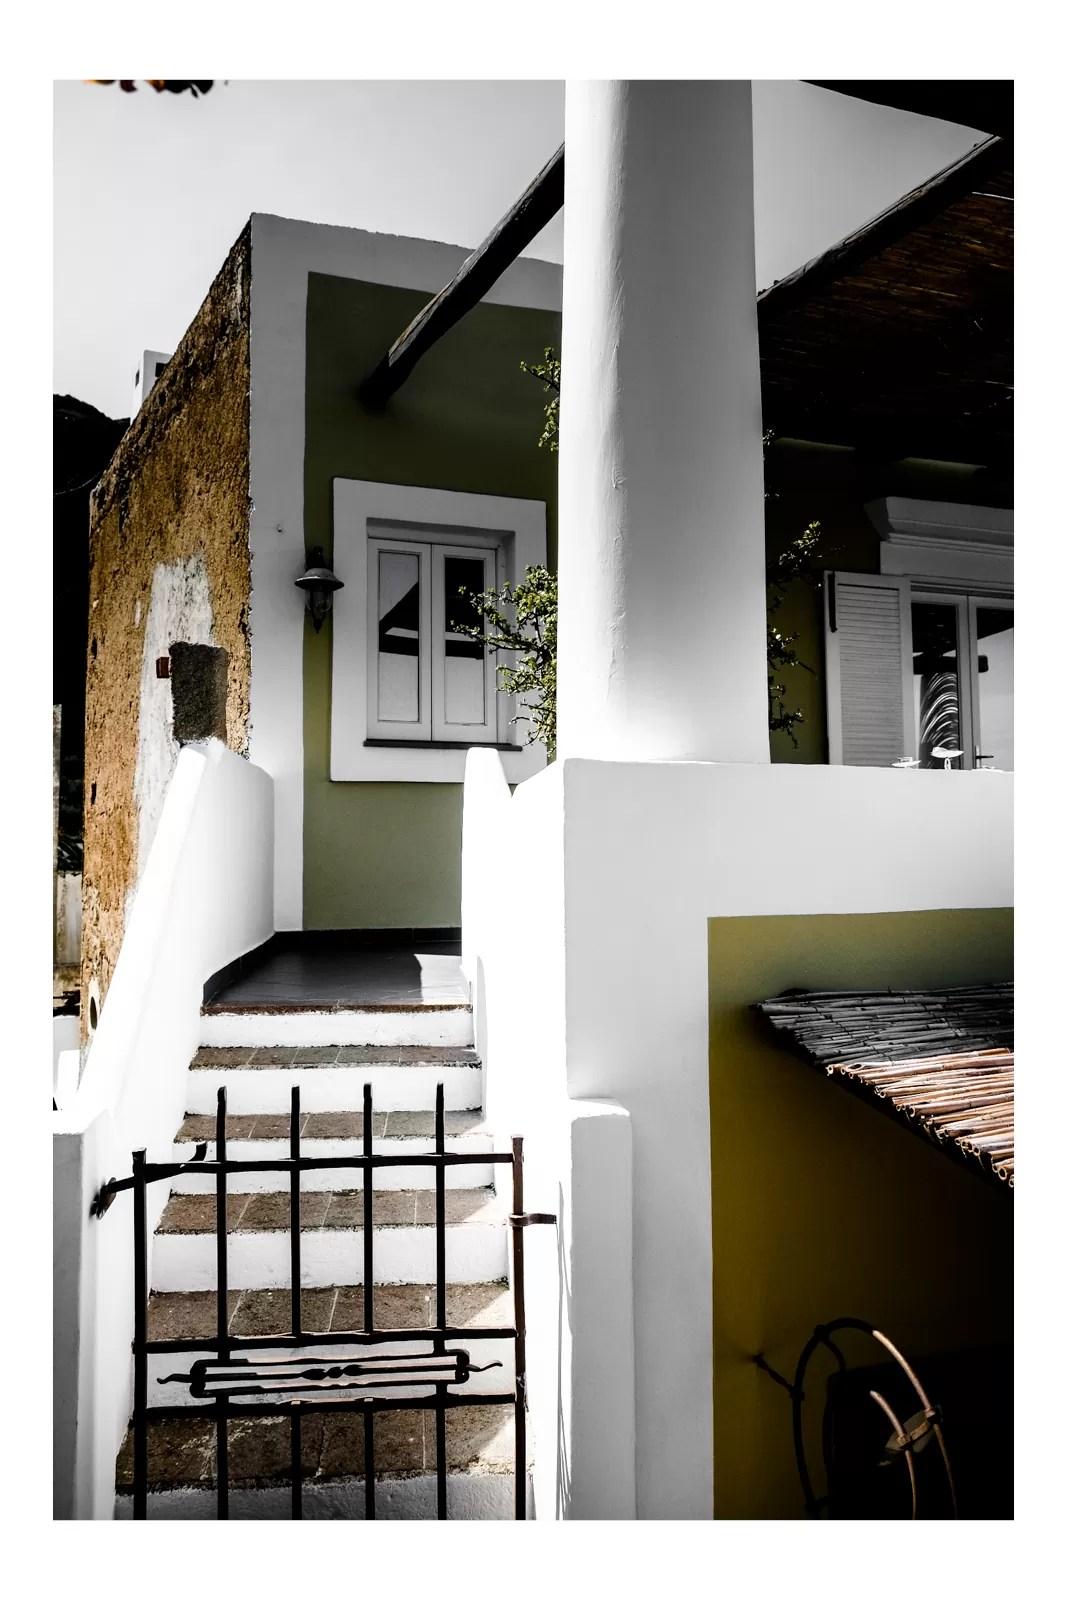 DSCF1271 - Aeolian Style - fotostreet.it